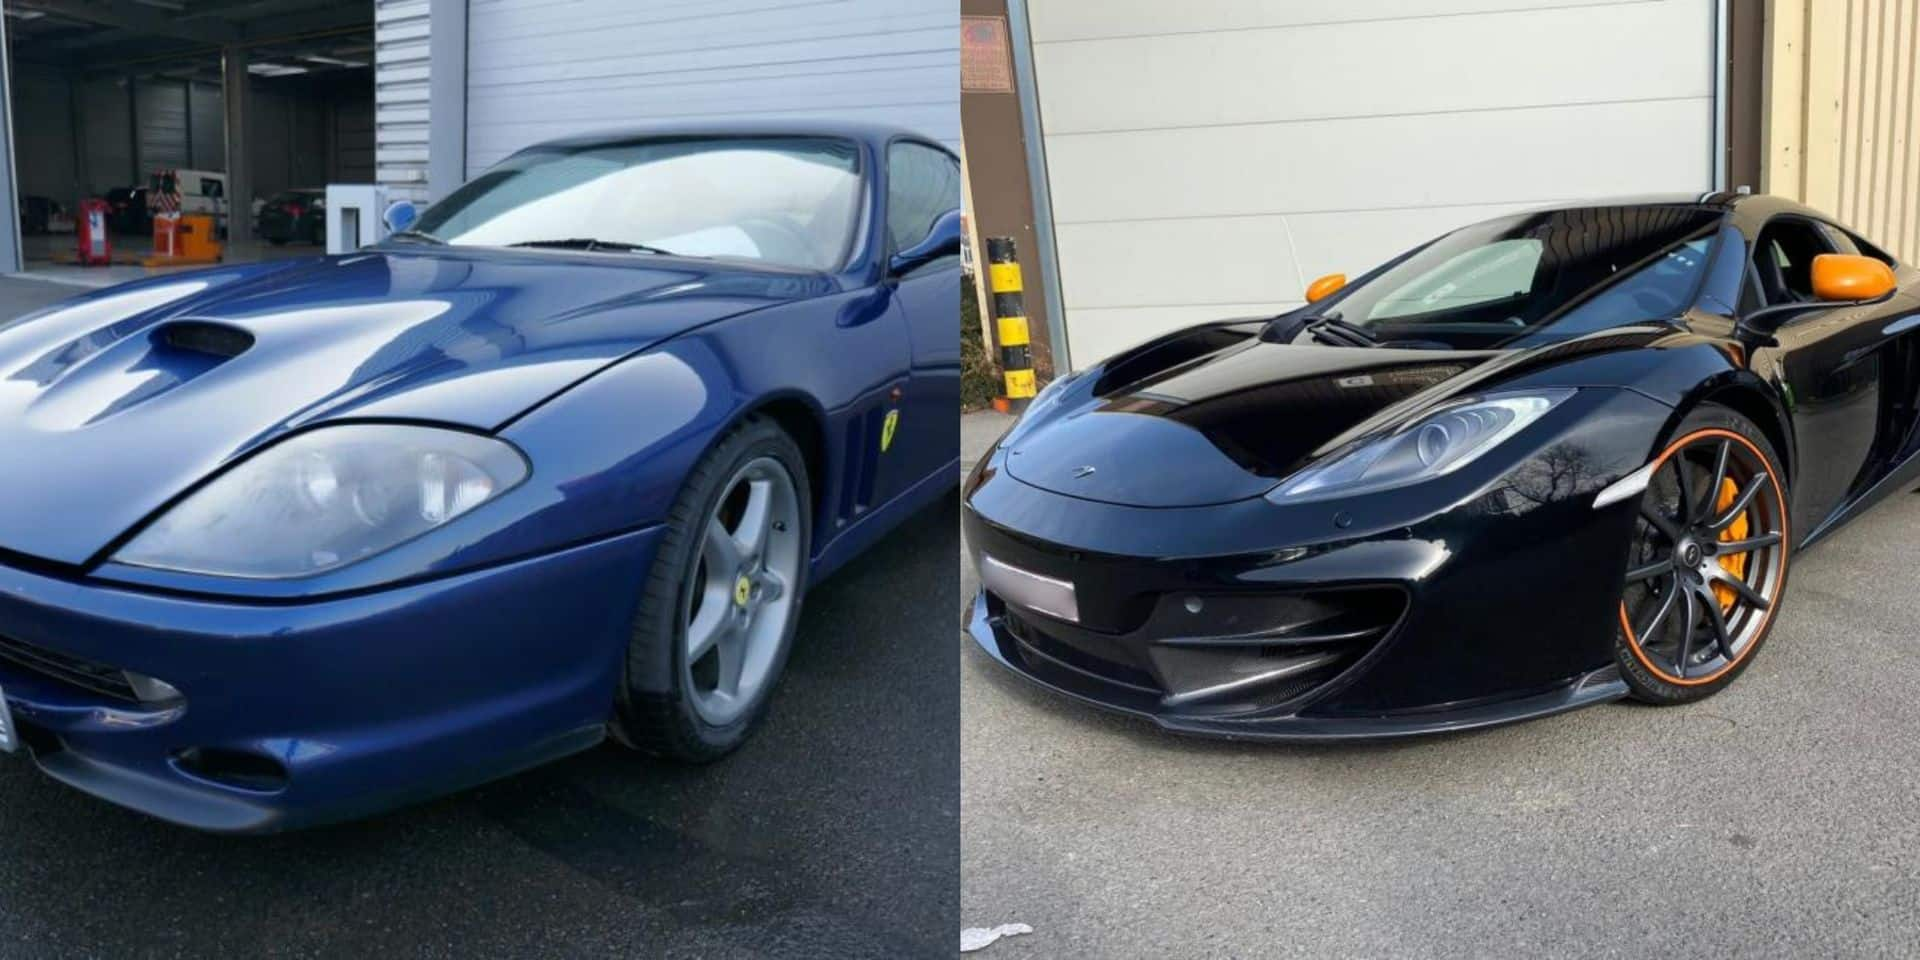 Une Ferrari et une McLaren vendues aux enchères par le SPF Finances : 52.700 euros fileront directement dans les caisses de l'Etat